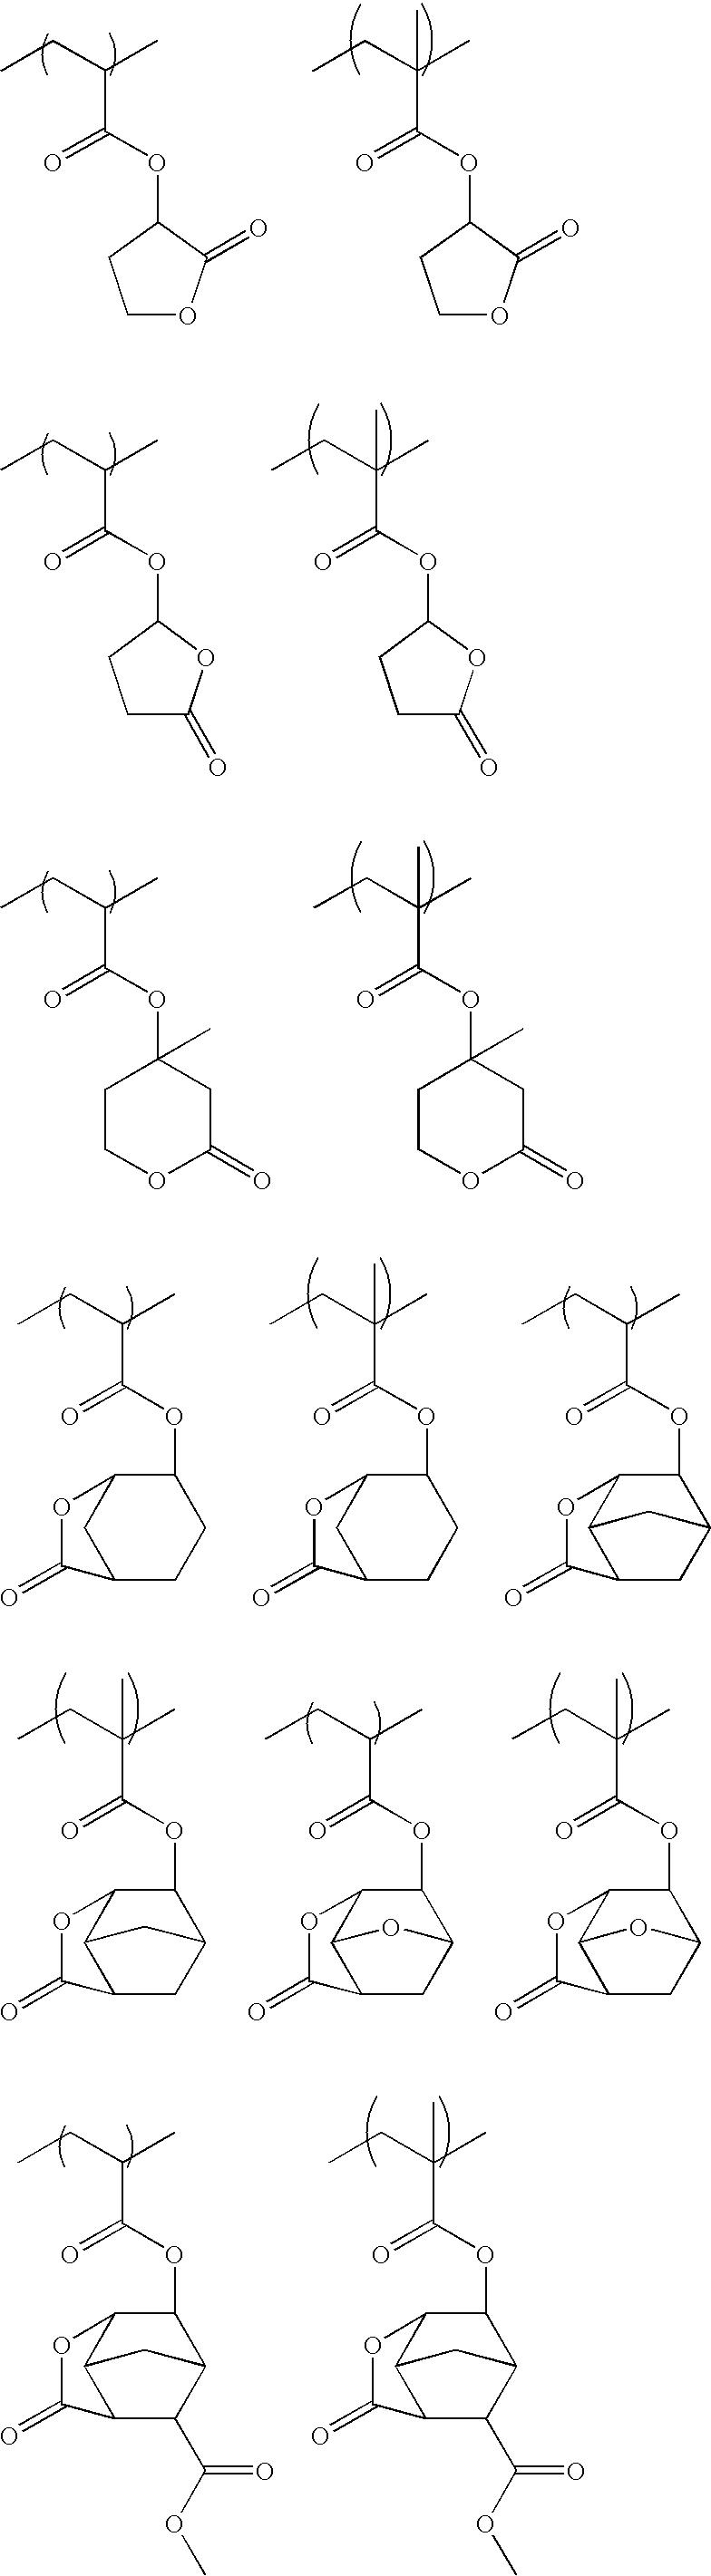 Figure US20090280434A1-20091112-C00036